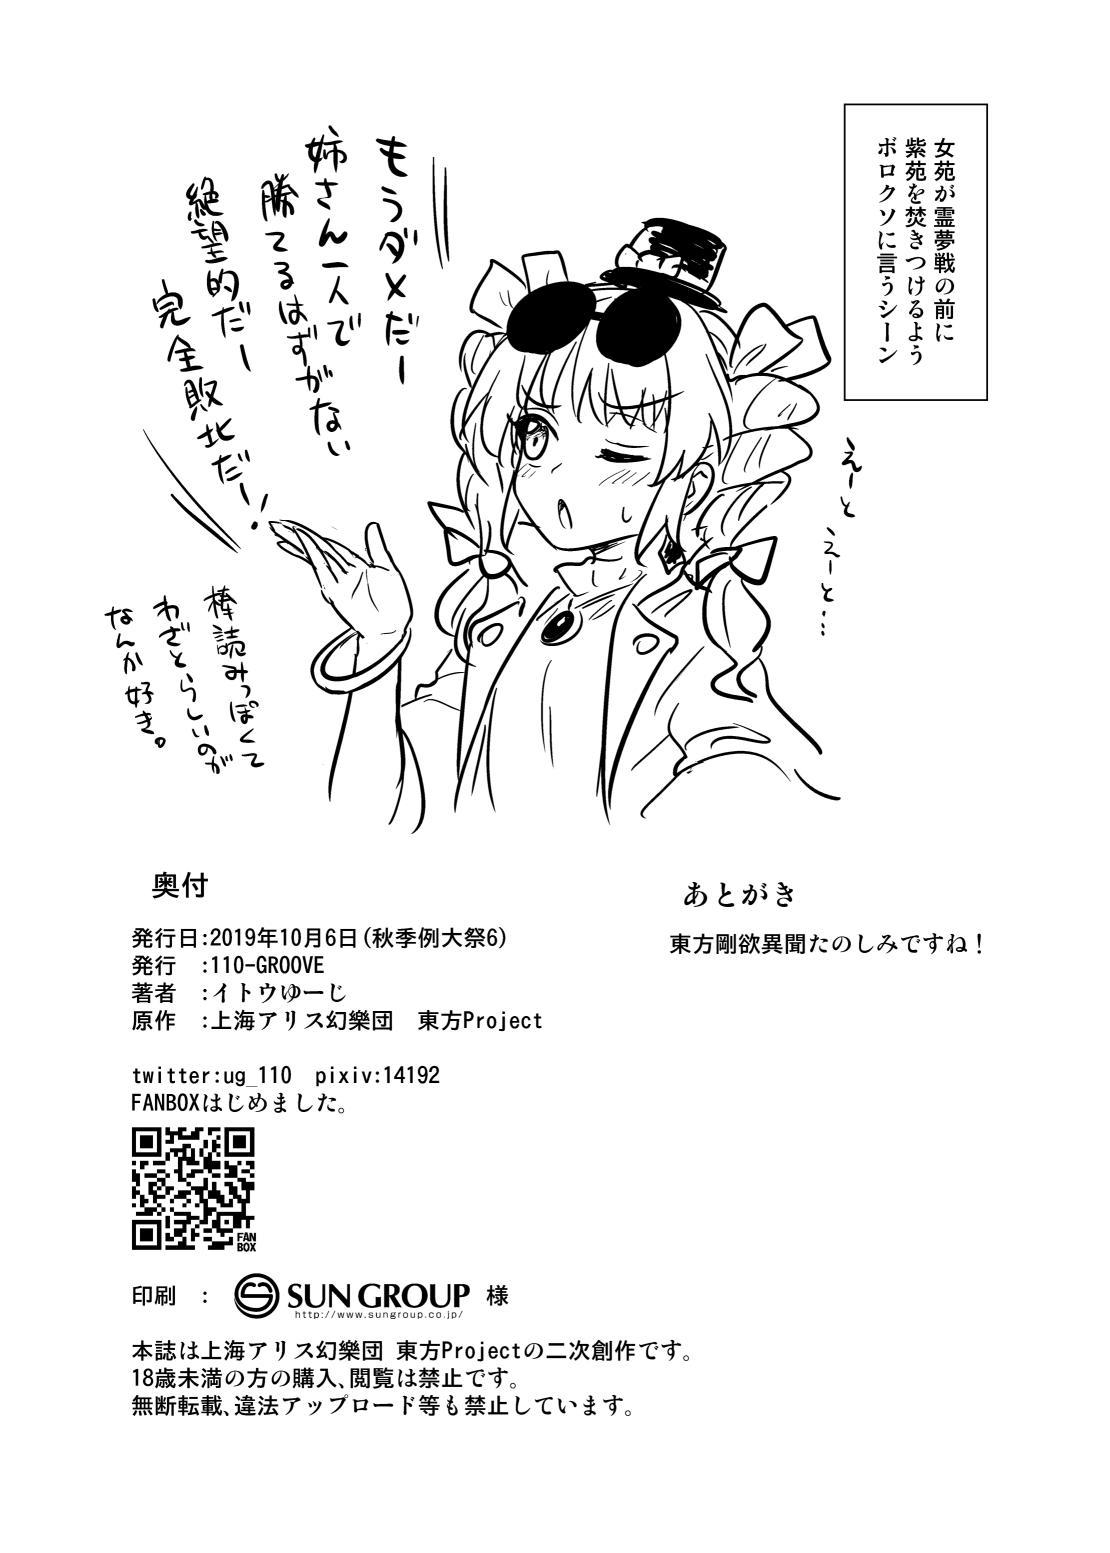 Shion no Jikyuu Jisoku Daisakusen 20